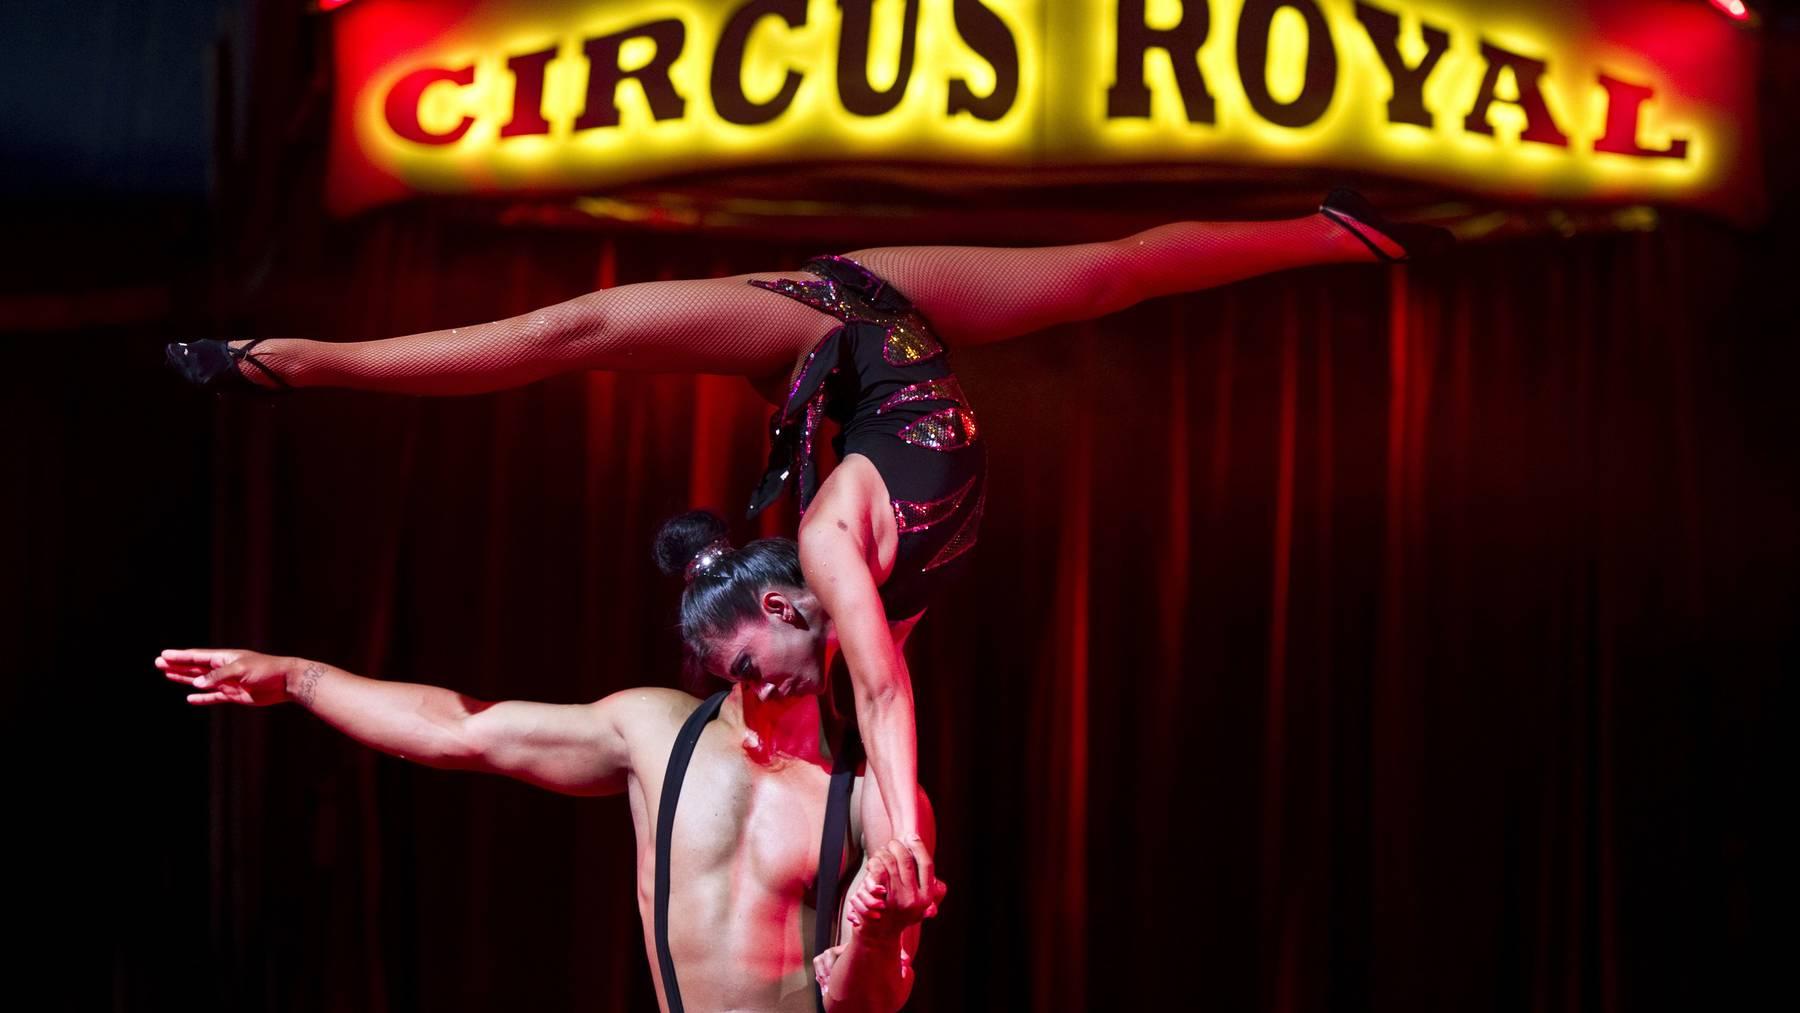 Befindet sich der Circus Royal in Liquidation?